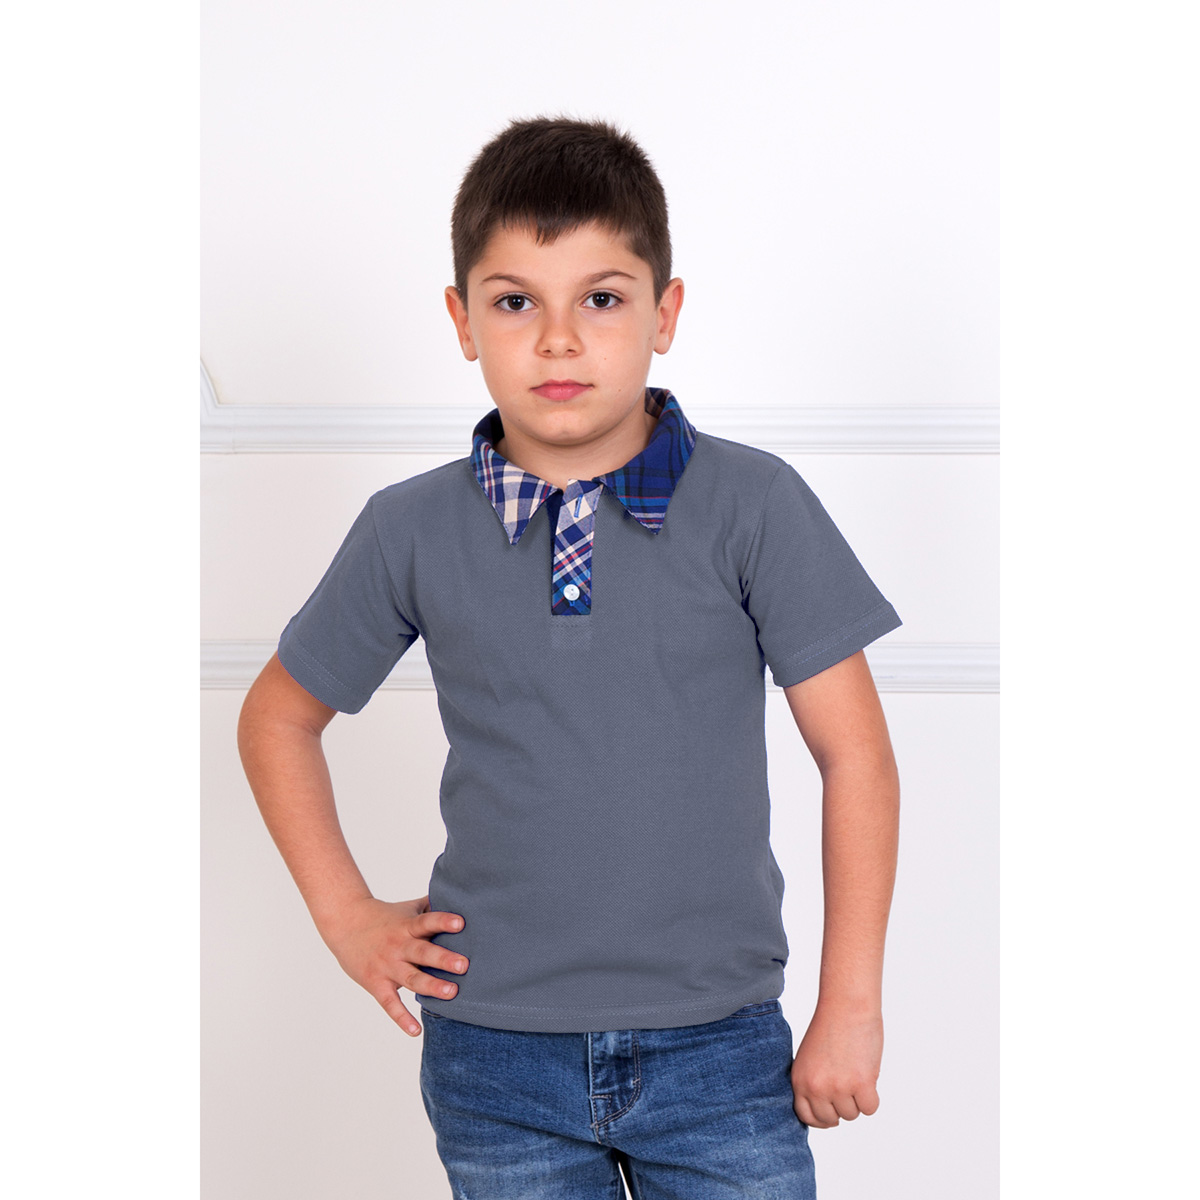 """Детская футболка-поло """"Лаки"""" Серый, размер 34 Лика Дресс"""